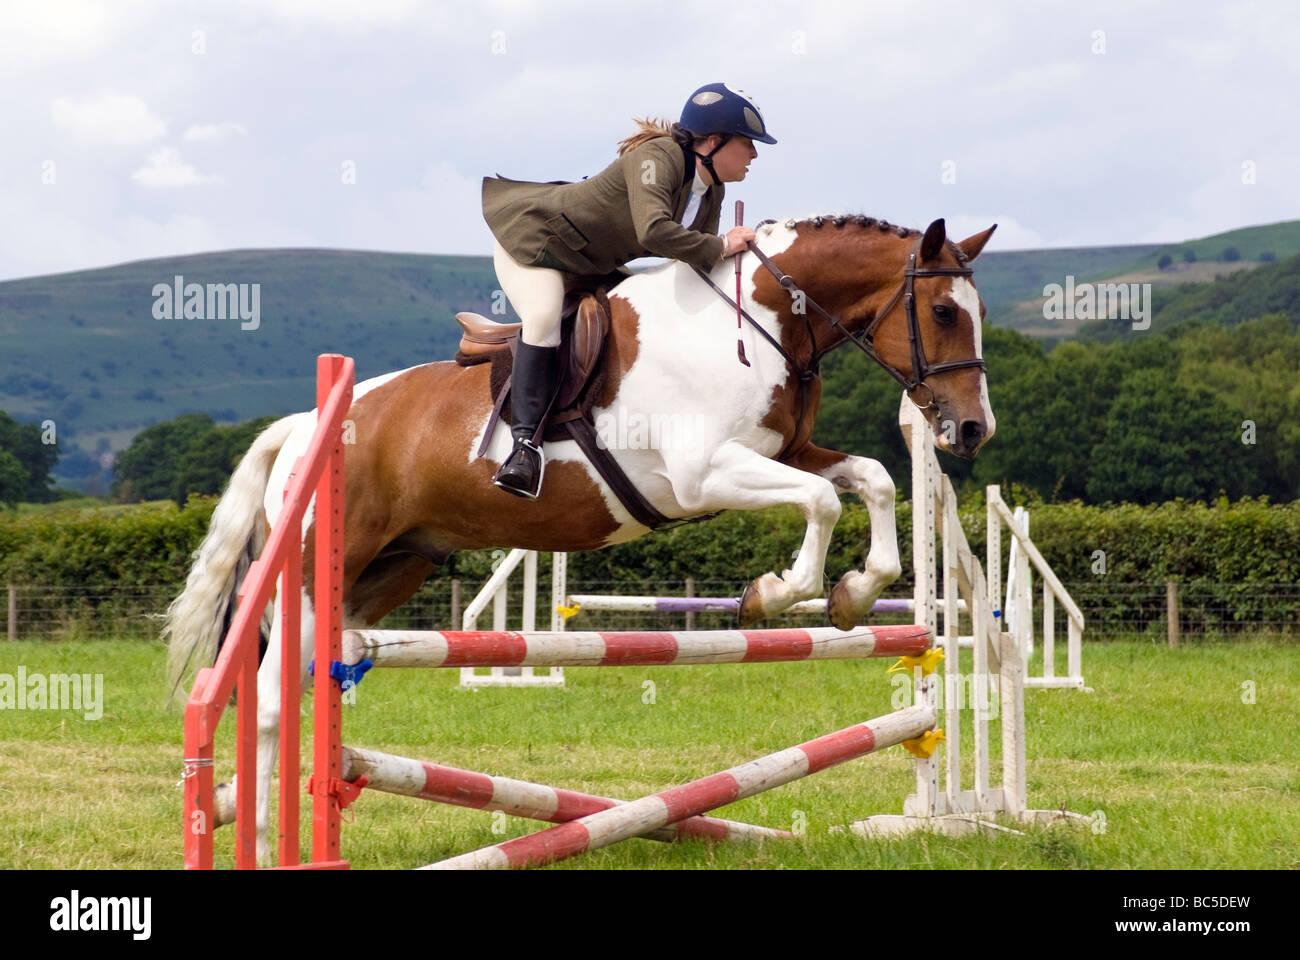 Femme rider dans un concours de saut à Pandy Show, nr Abergavenny, Pays de Galles, Royaume-Uni. Brown & Photo Stock